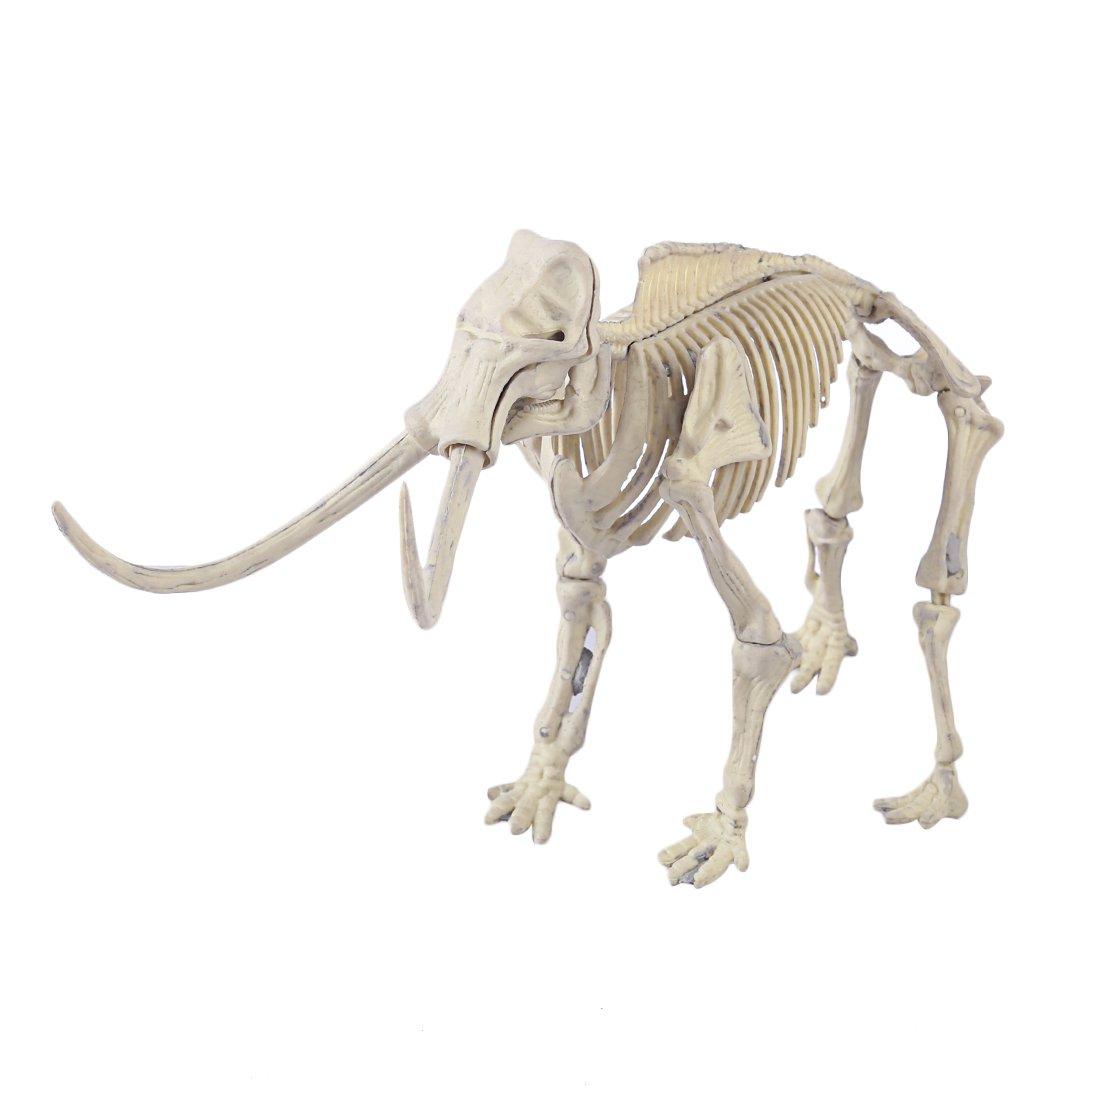 Creuser Un fossile de Dinosaure Deinonychus Dinosaure Kit Outil de Fouille Jeu Arch/éologie Jouet Tosbess Jouets de Arch/éologique Dinosaure